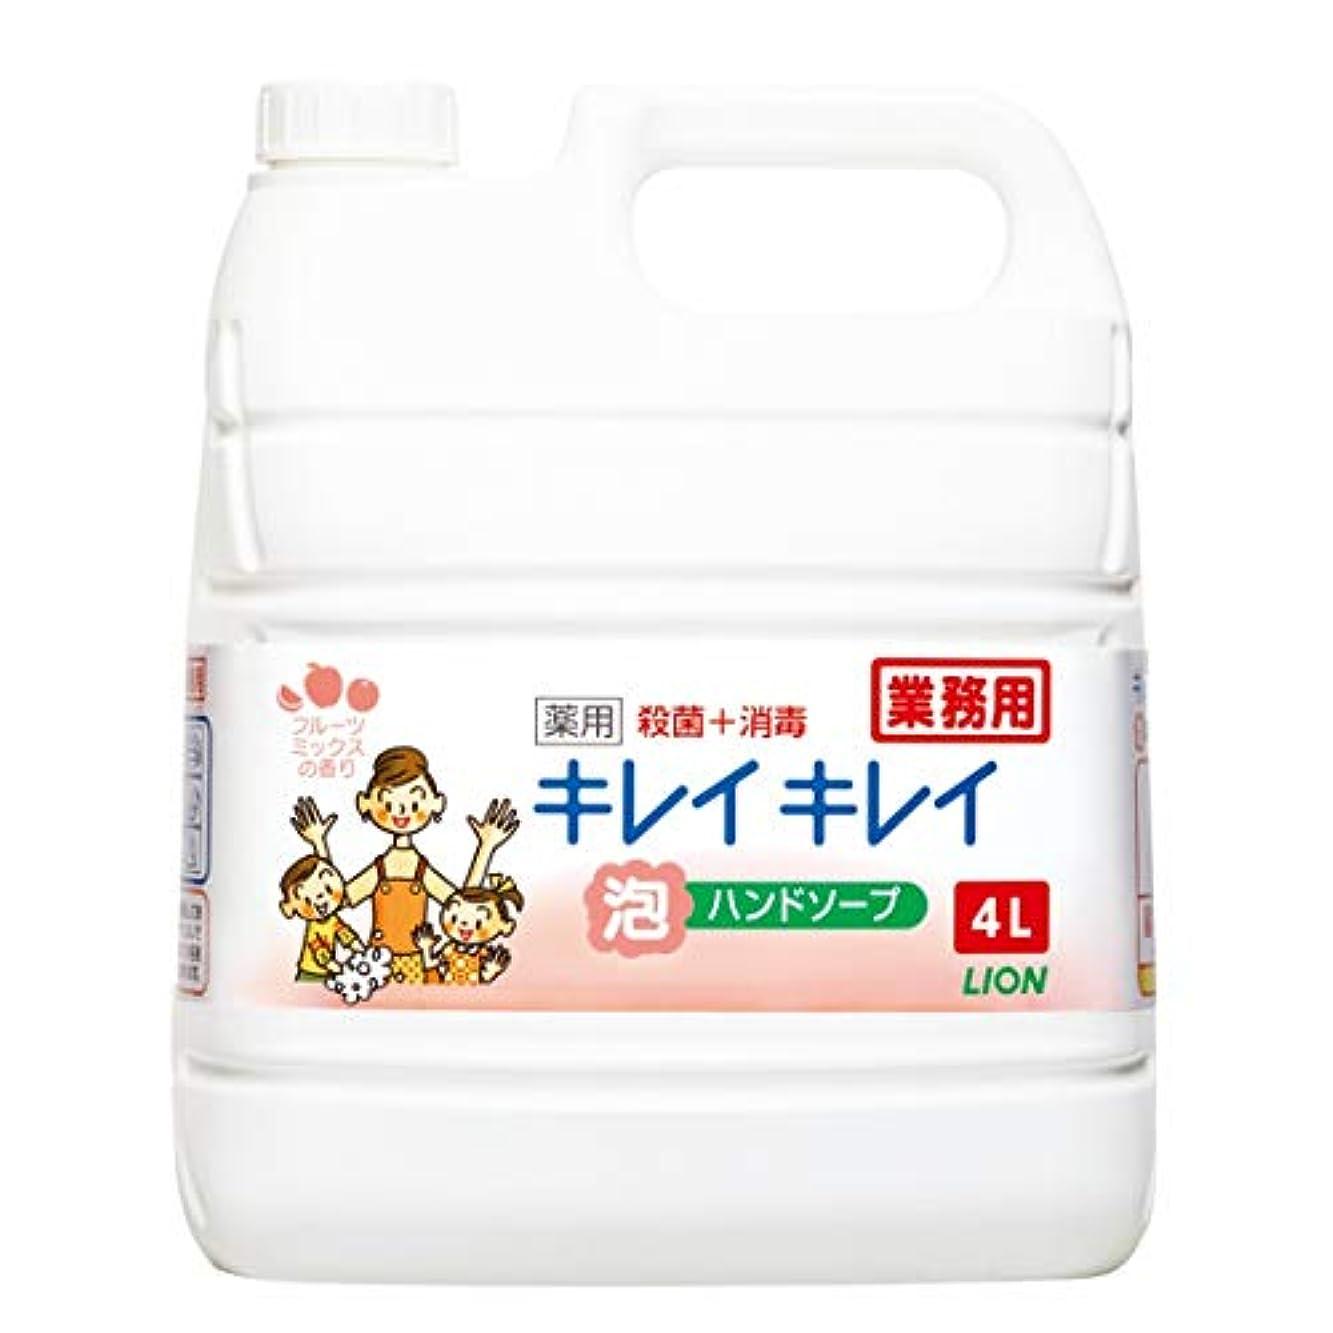 一般的に台無しに脱臼する【業務用 大容量】キレイキレイ 薬用 泡ハンドソープフルーツミックスの香り 4L(医薬部外品)